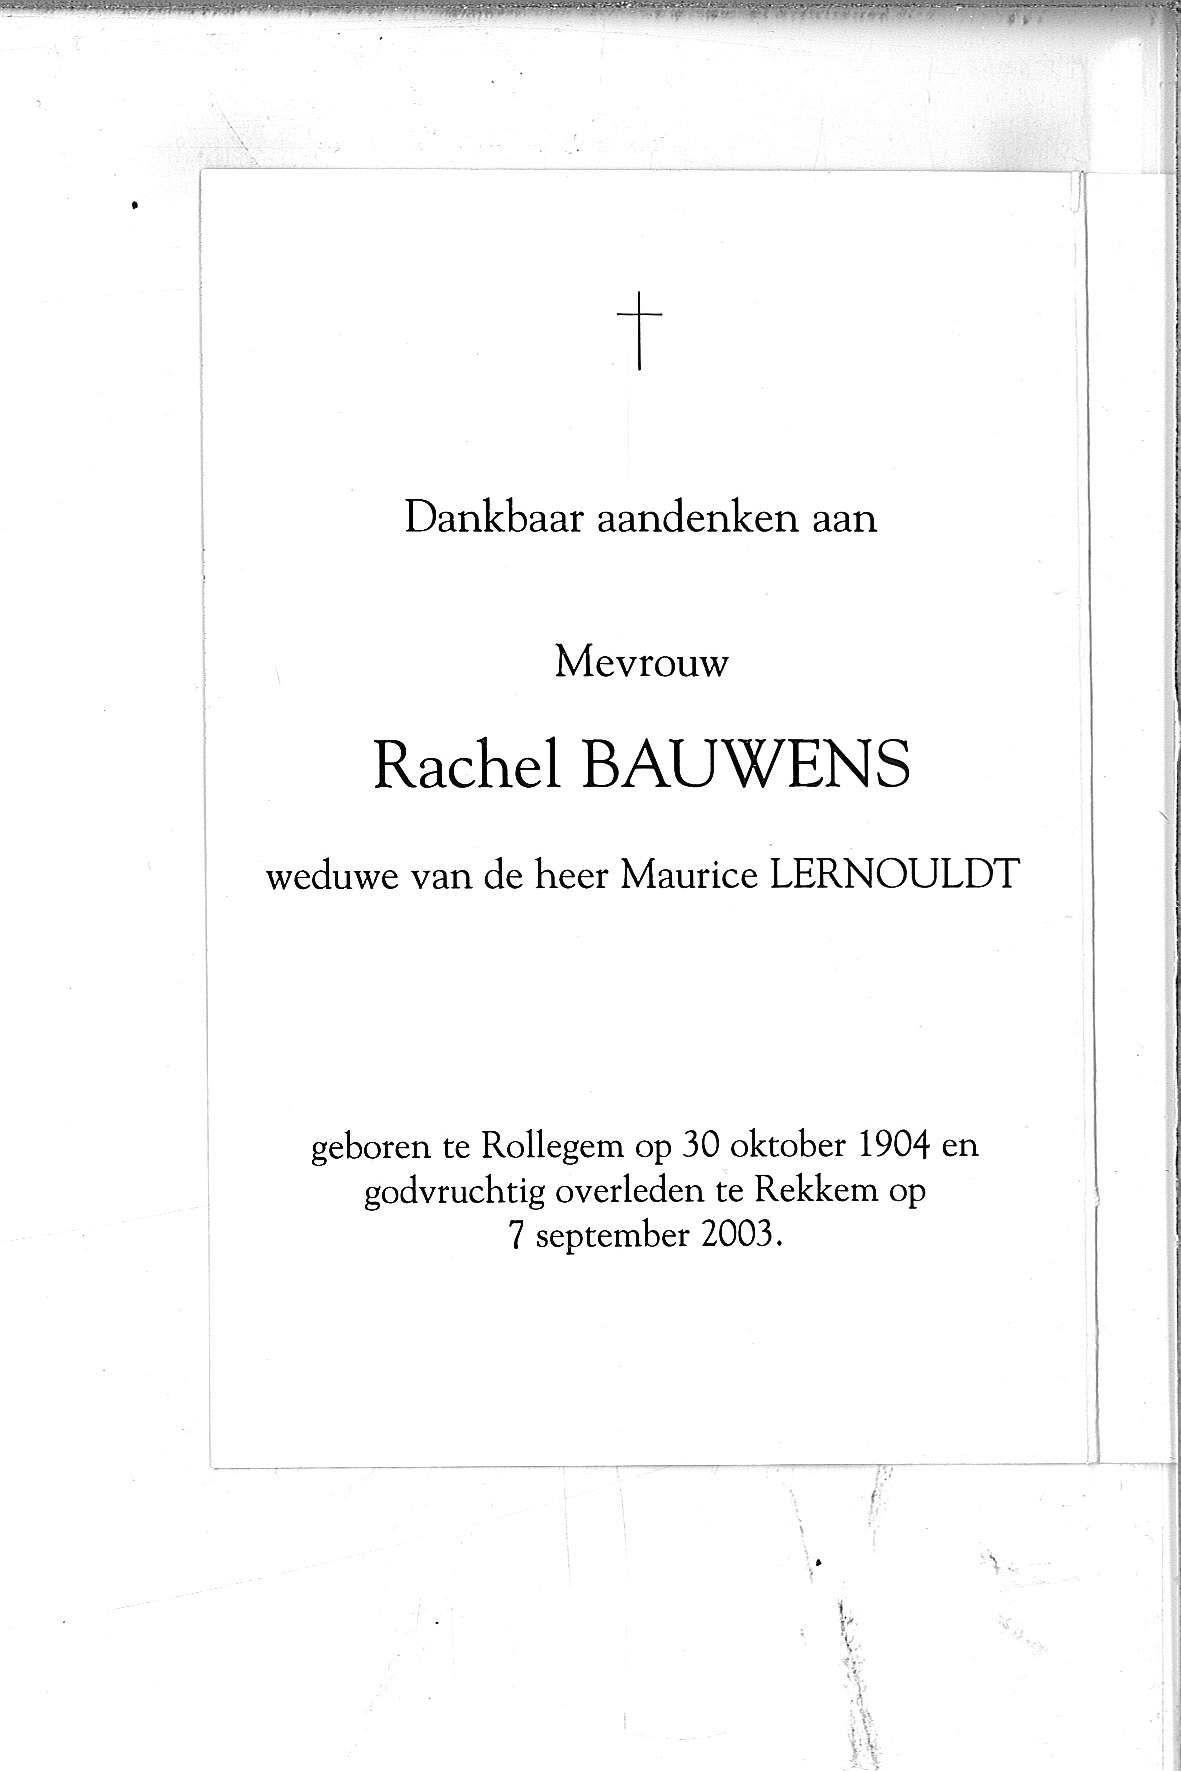 Rachel(2003)20130828133432_00061.jpg